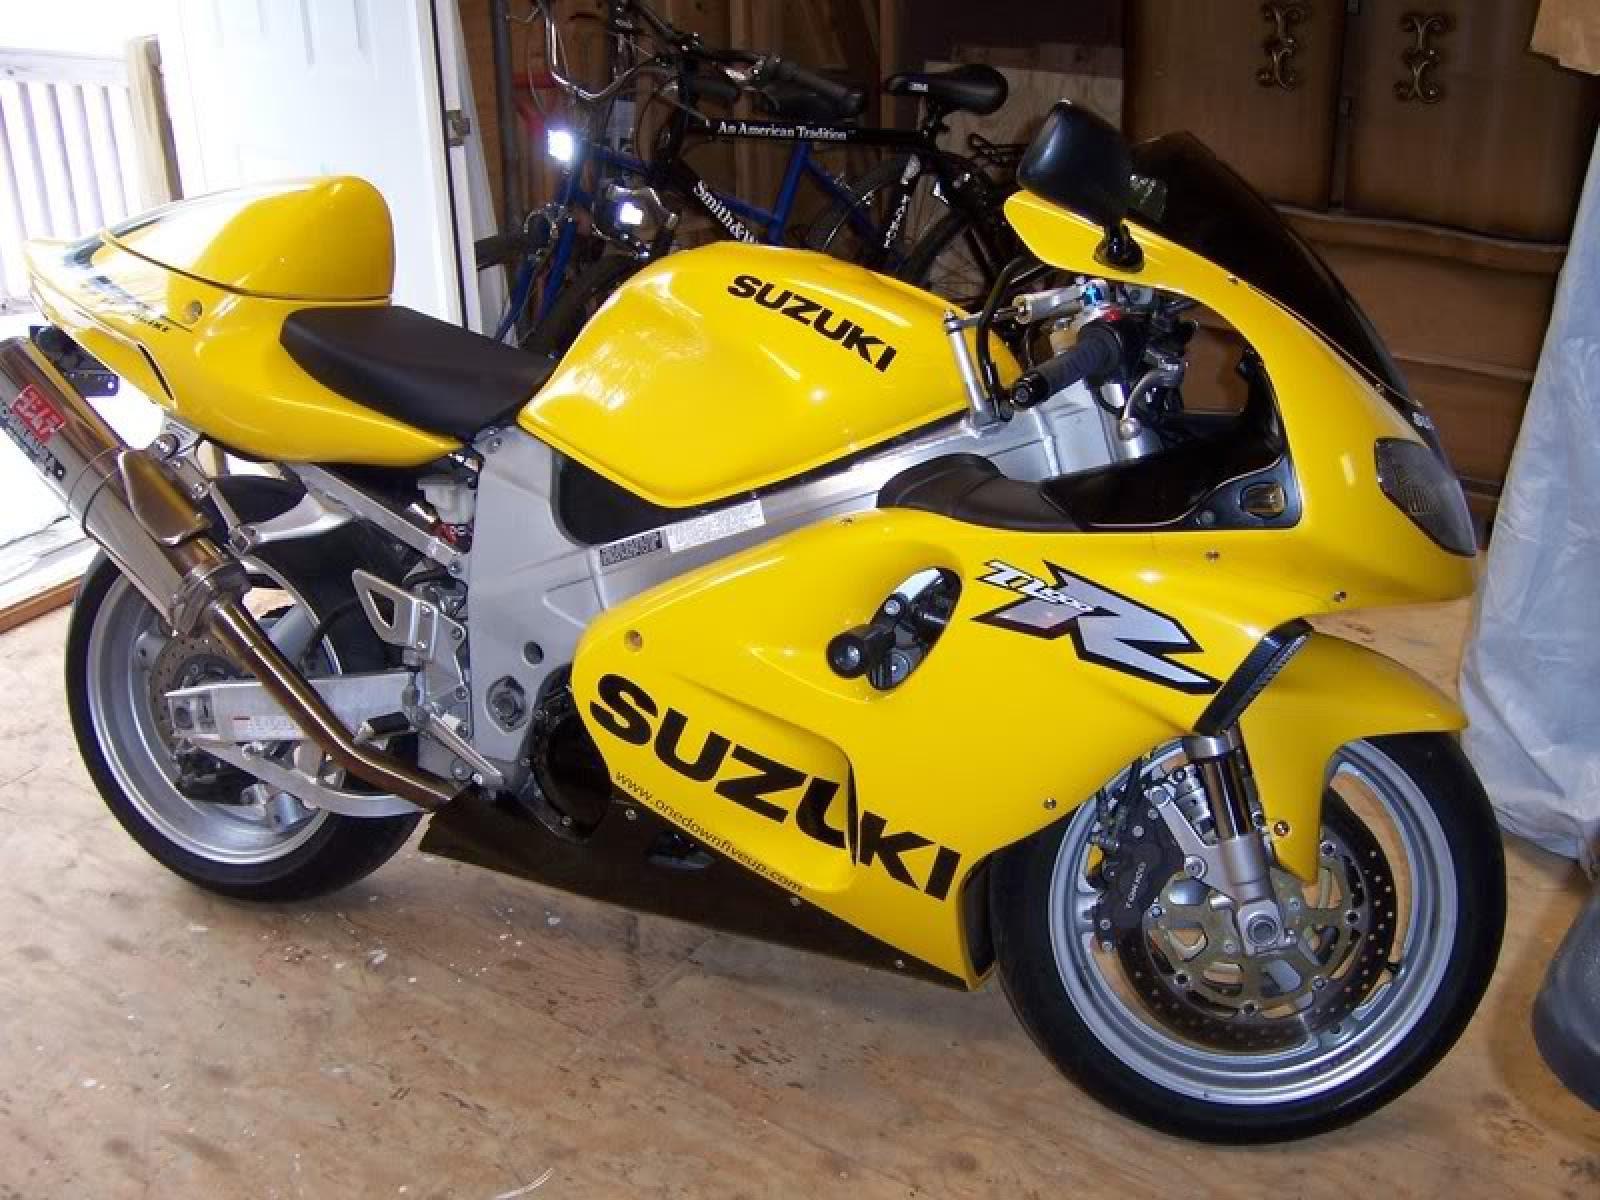 Wiring Diagram For 2001 Suzuki Tl 1000 Wiring Diagram Local1 Local1 Maceratadoc It